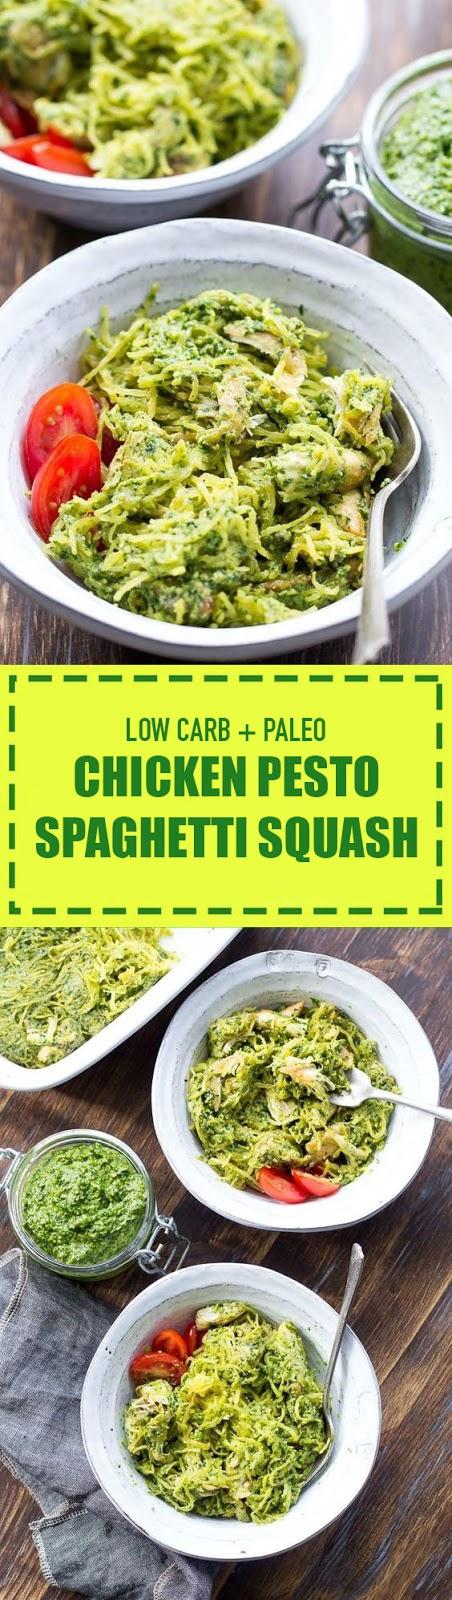 Chicken Pesto Paleo Spaghetti Squash